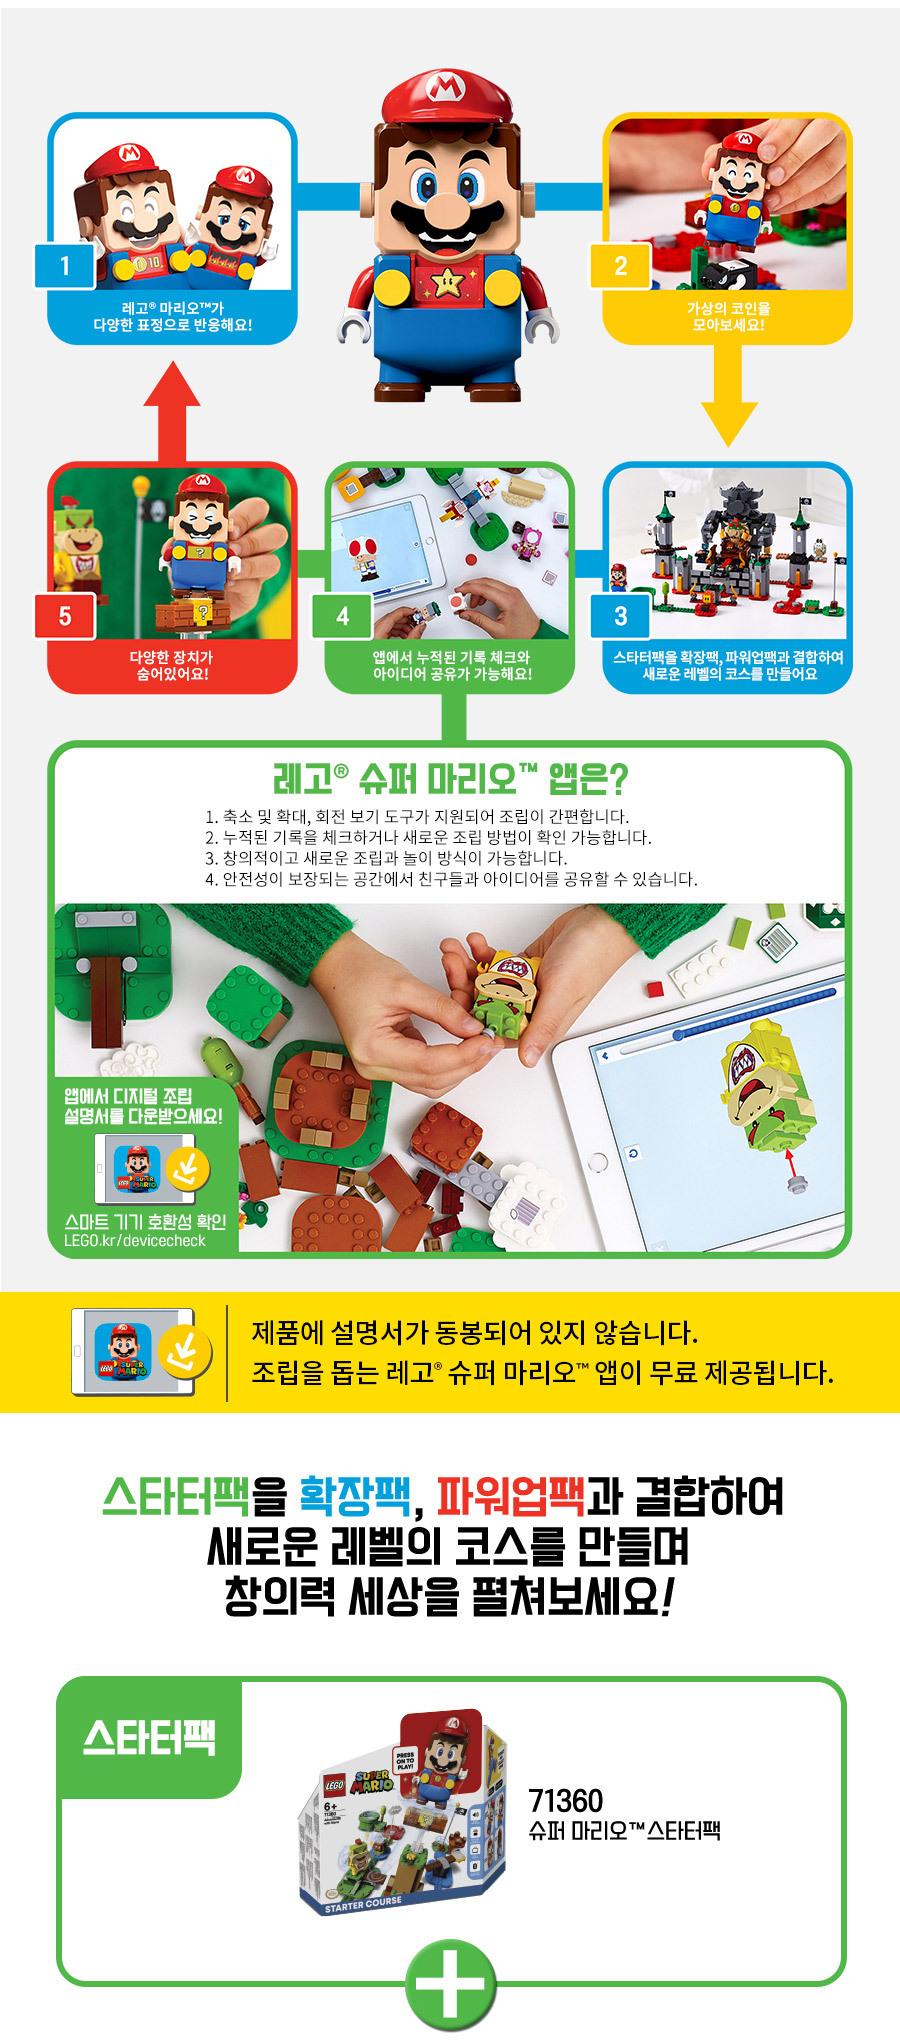 레고(LEGO) 슈퍼마리오 71374 레고 닌텐도 엔터테인먼트 시스템[레고공식]